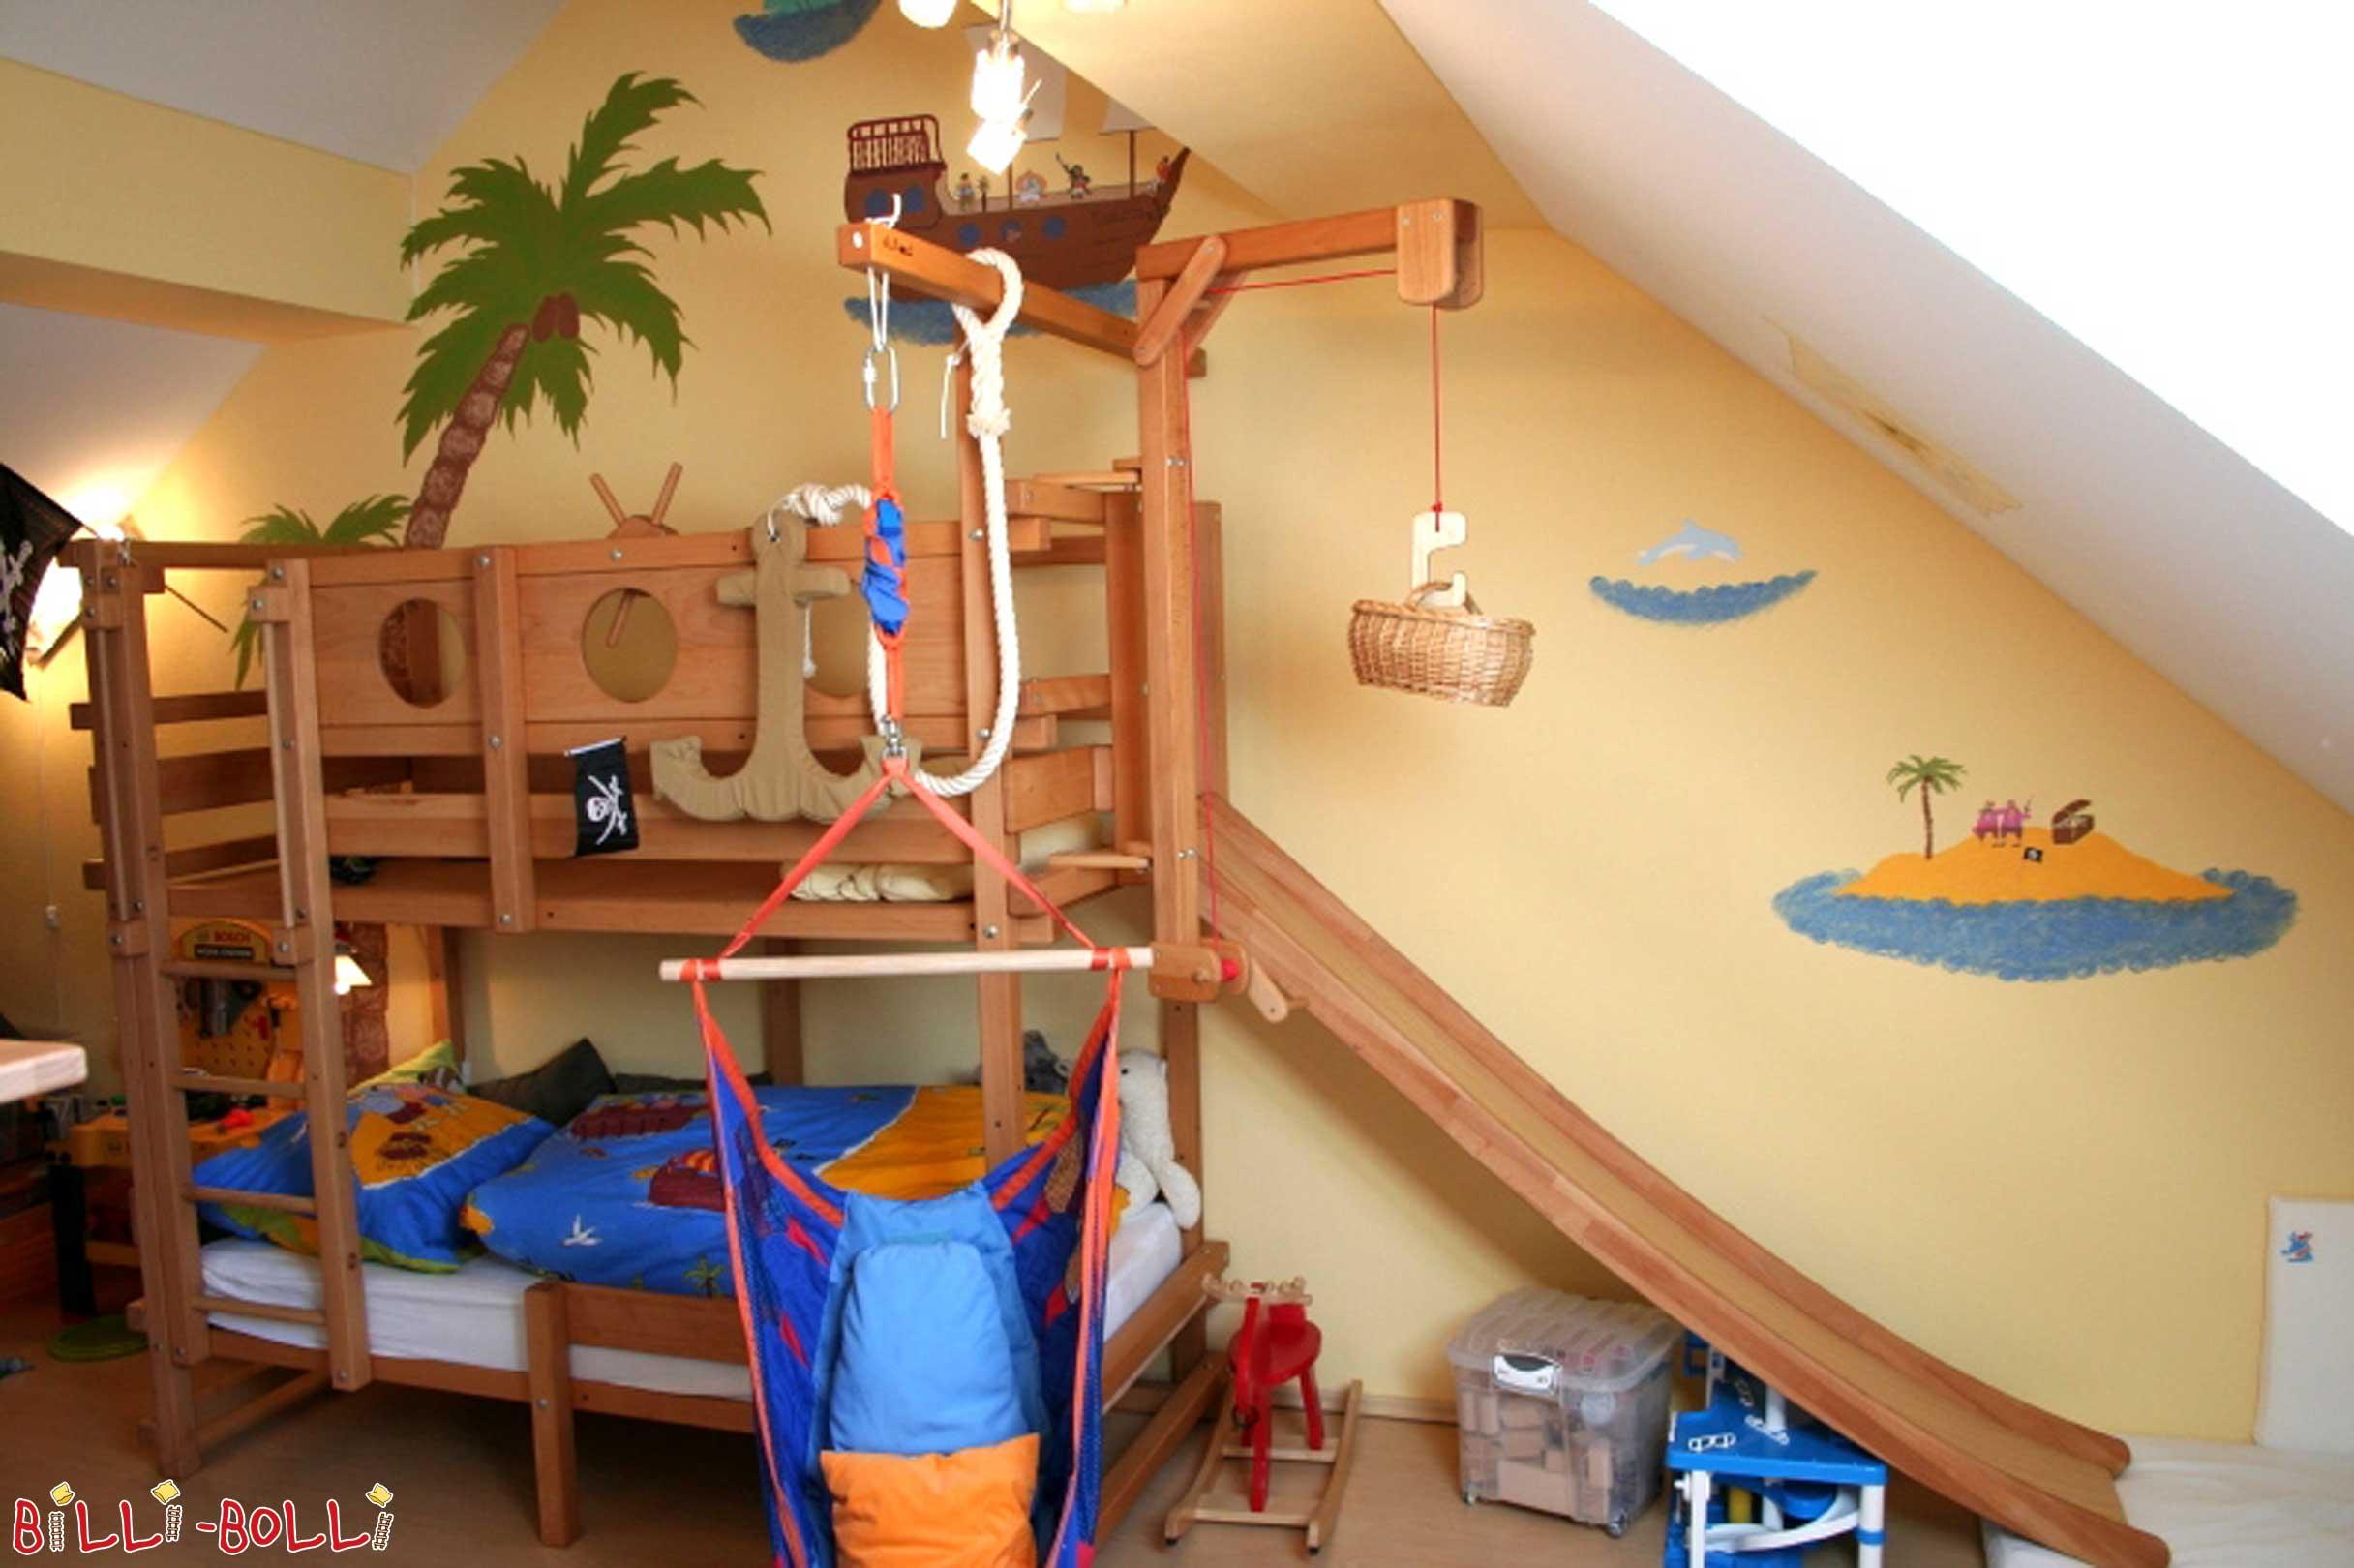 Letti A Castello Con Scivolo : Scivolo mobili per bambini da billi bolli